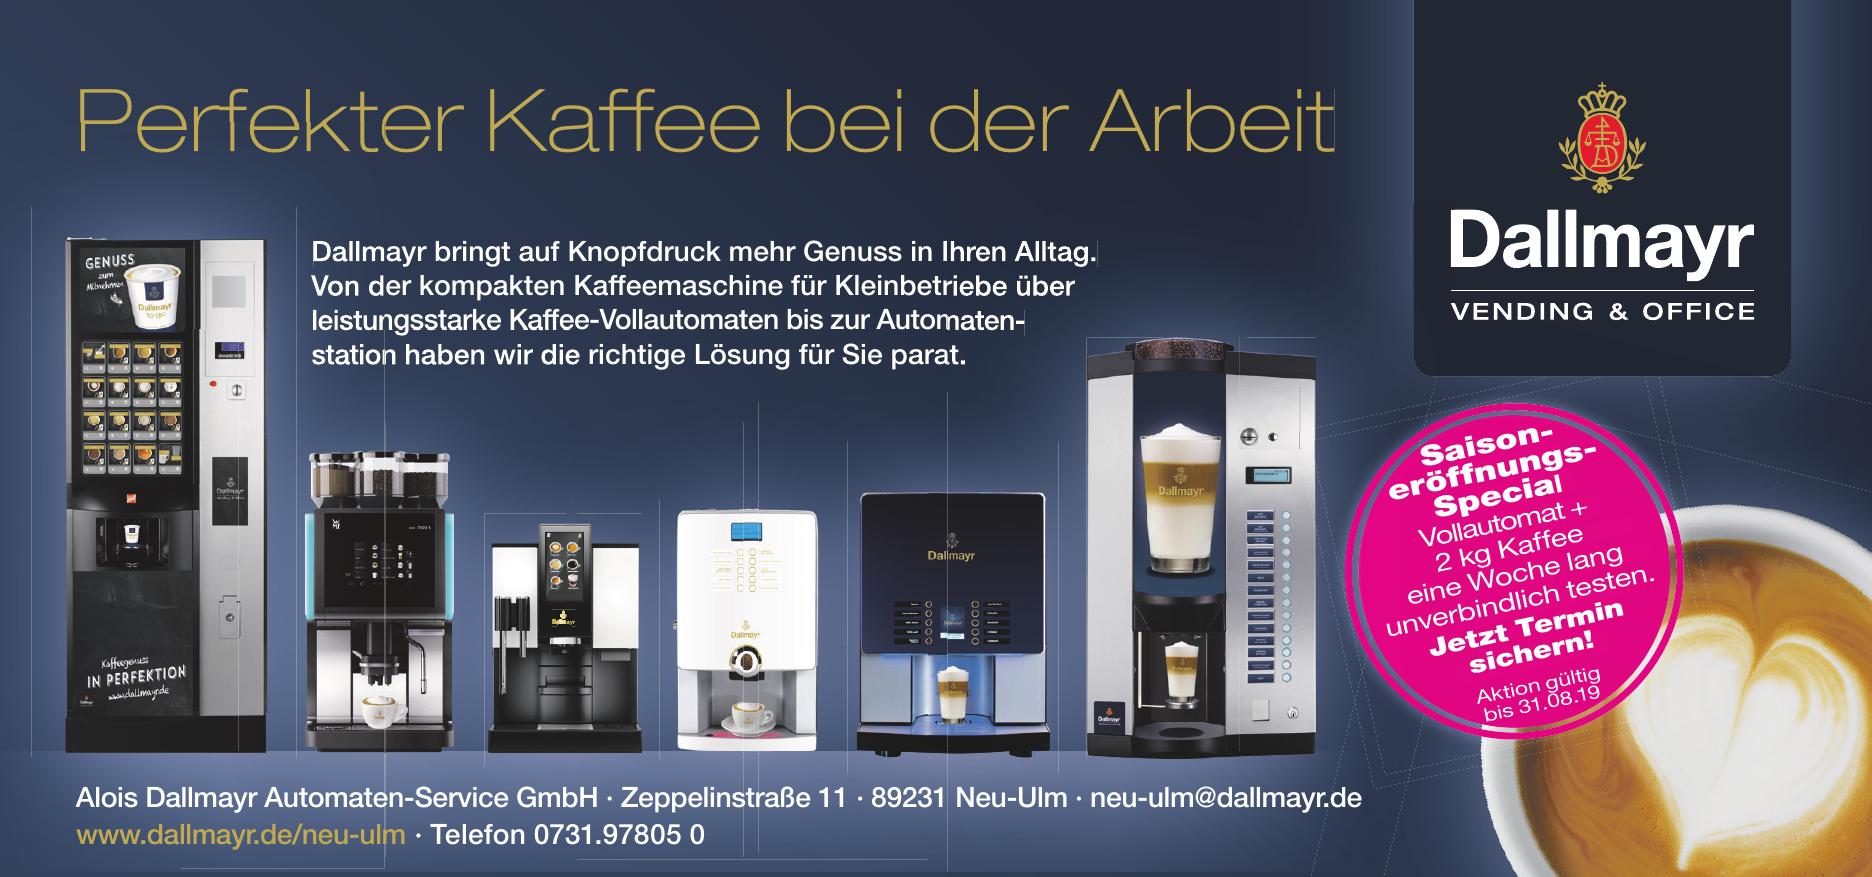 Alois Dallmayr Automaten-Service GmbH